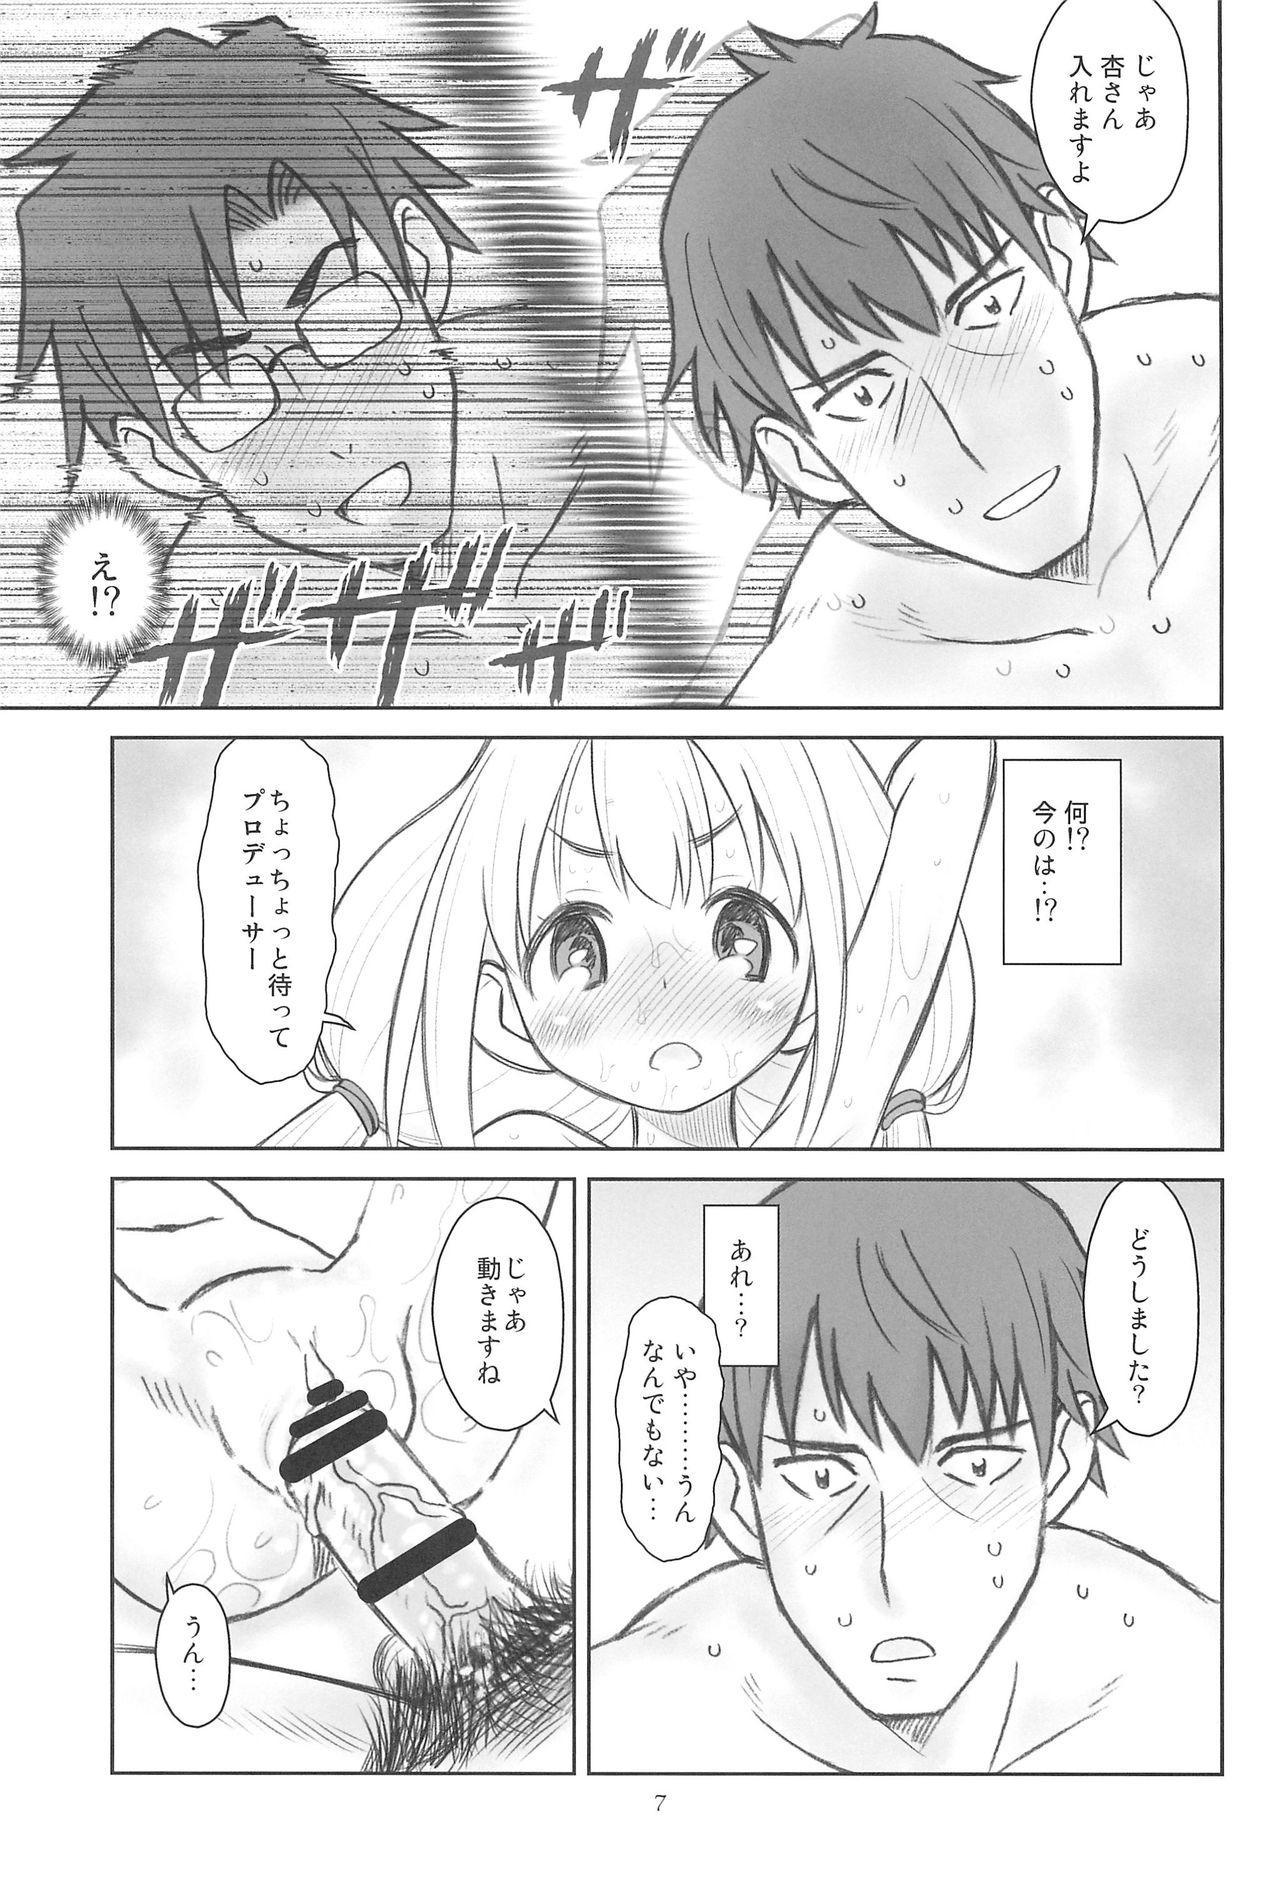 Hinnyuu Musume 34 8